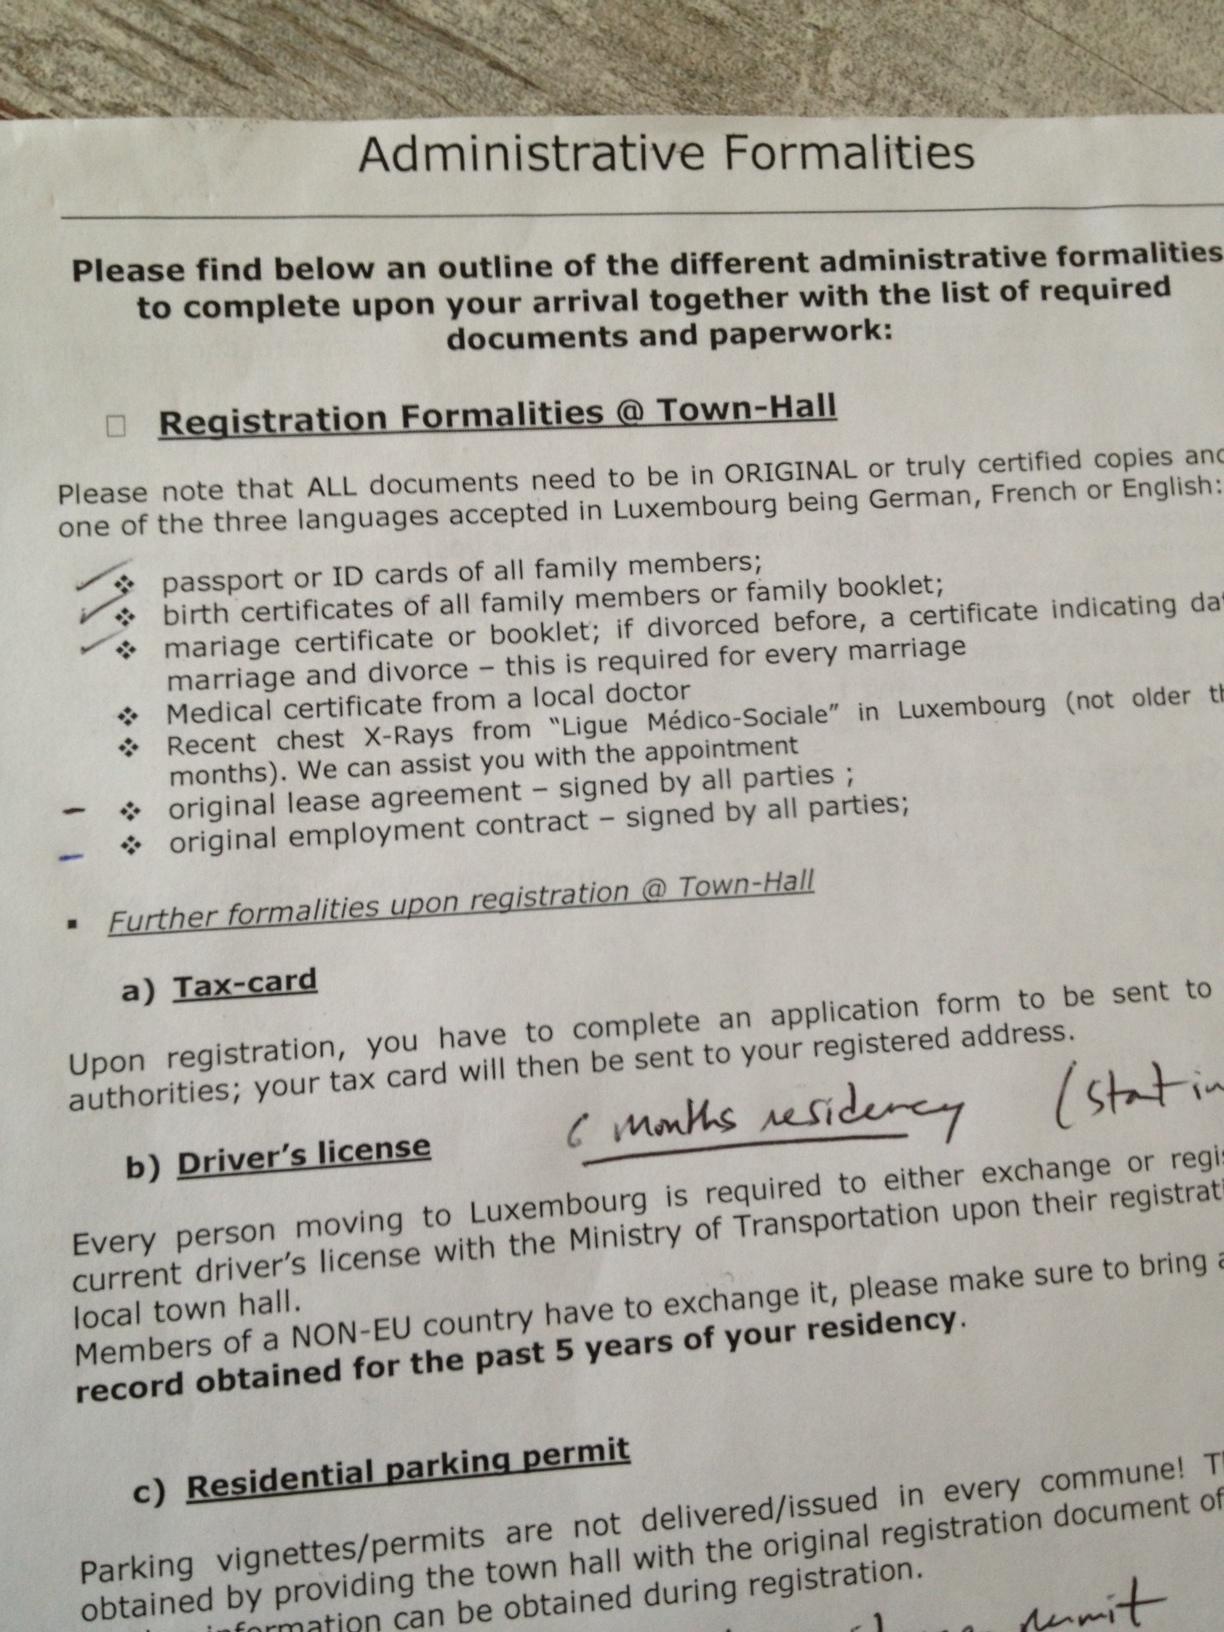 adminstraiton formalities.JPG